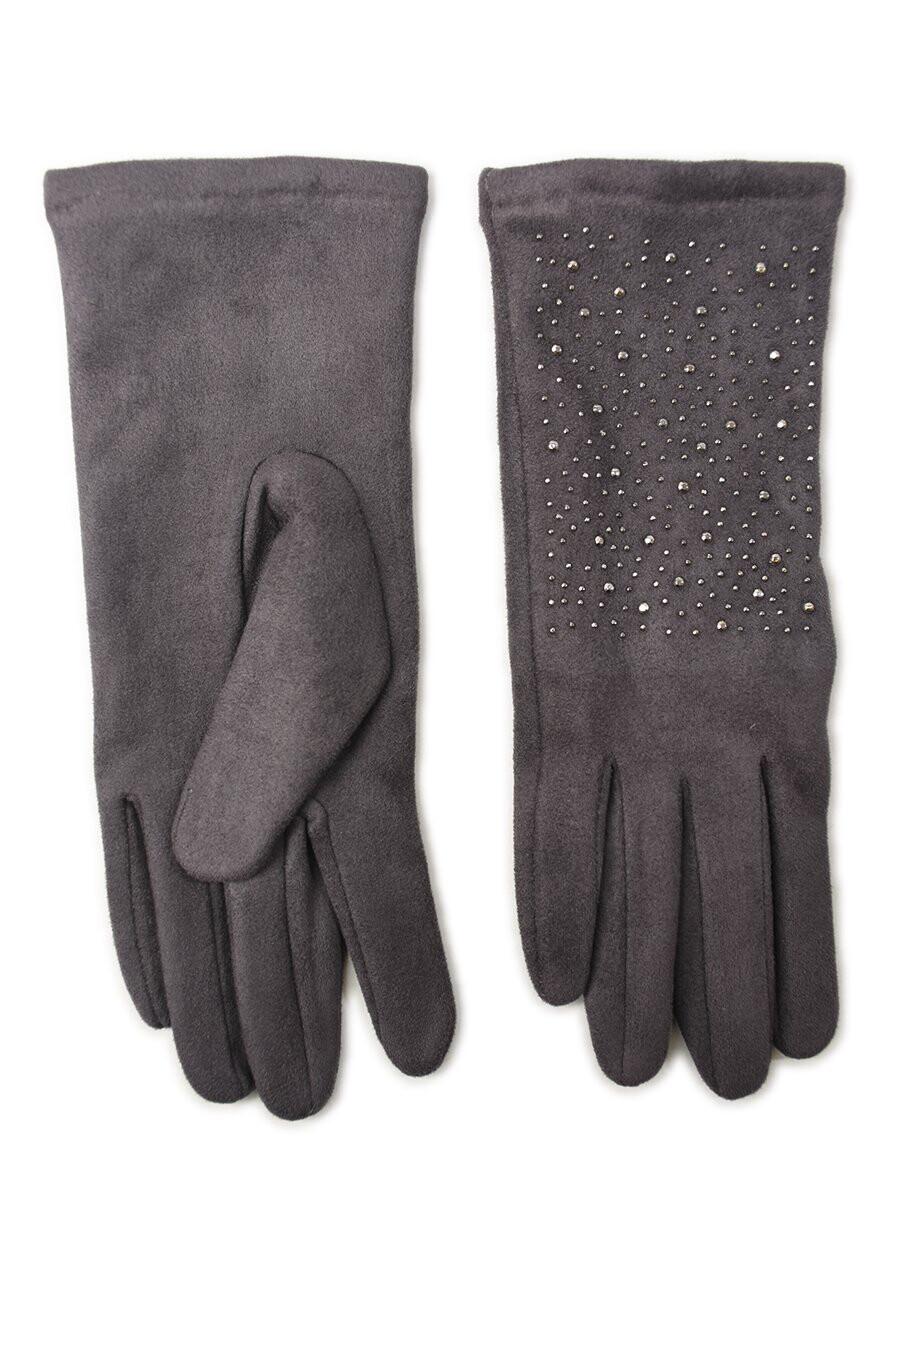 Scattered Stud Gloves Grey